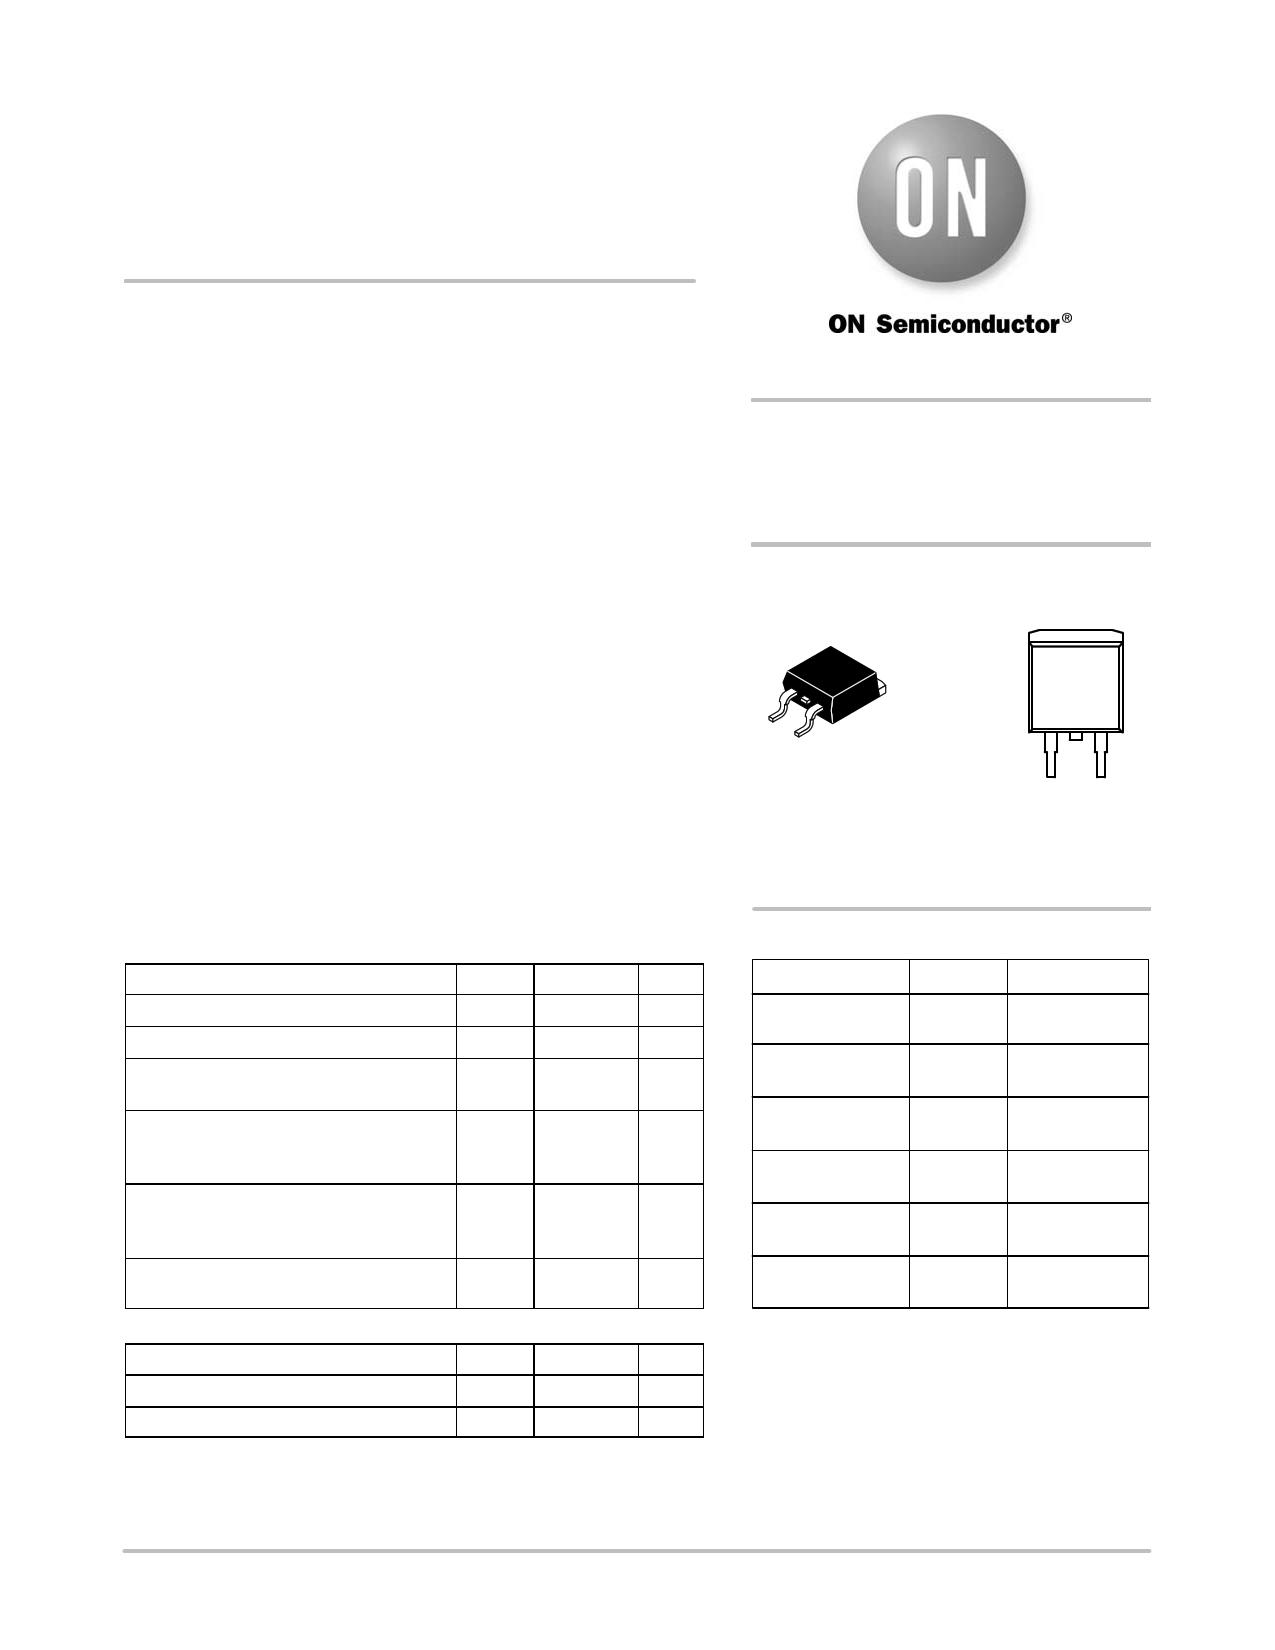 NJVMJB45H11 دیتاشیت PDF